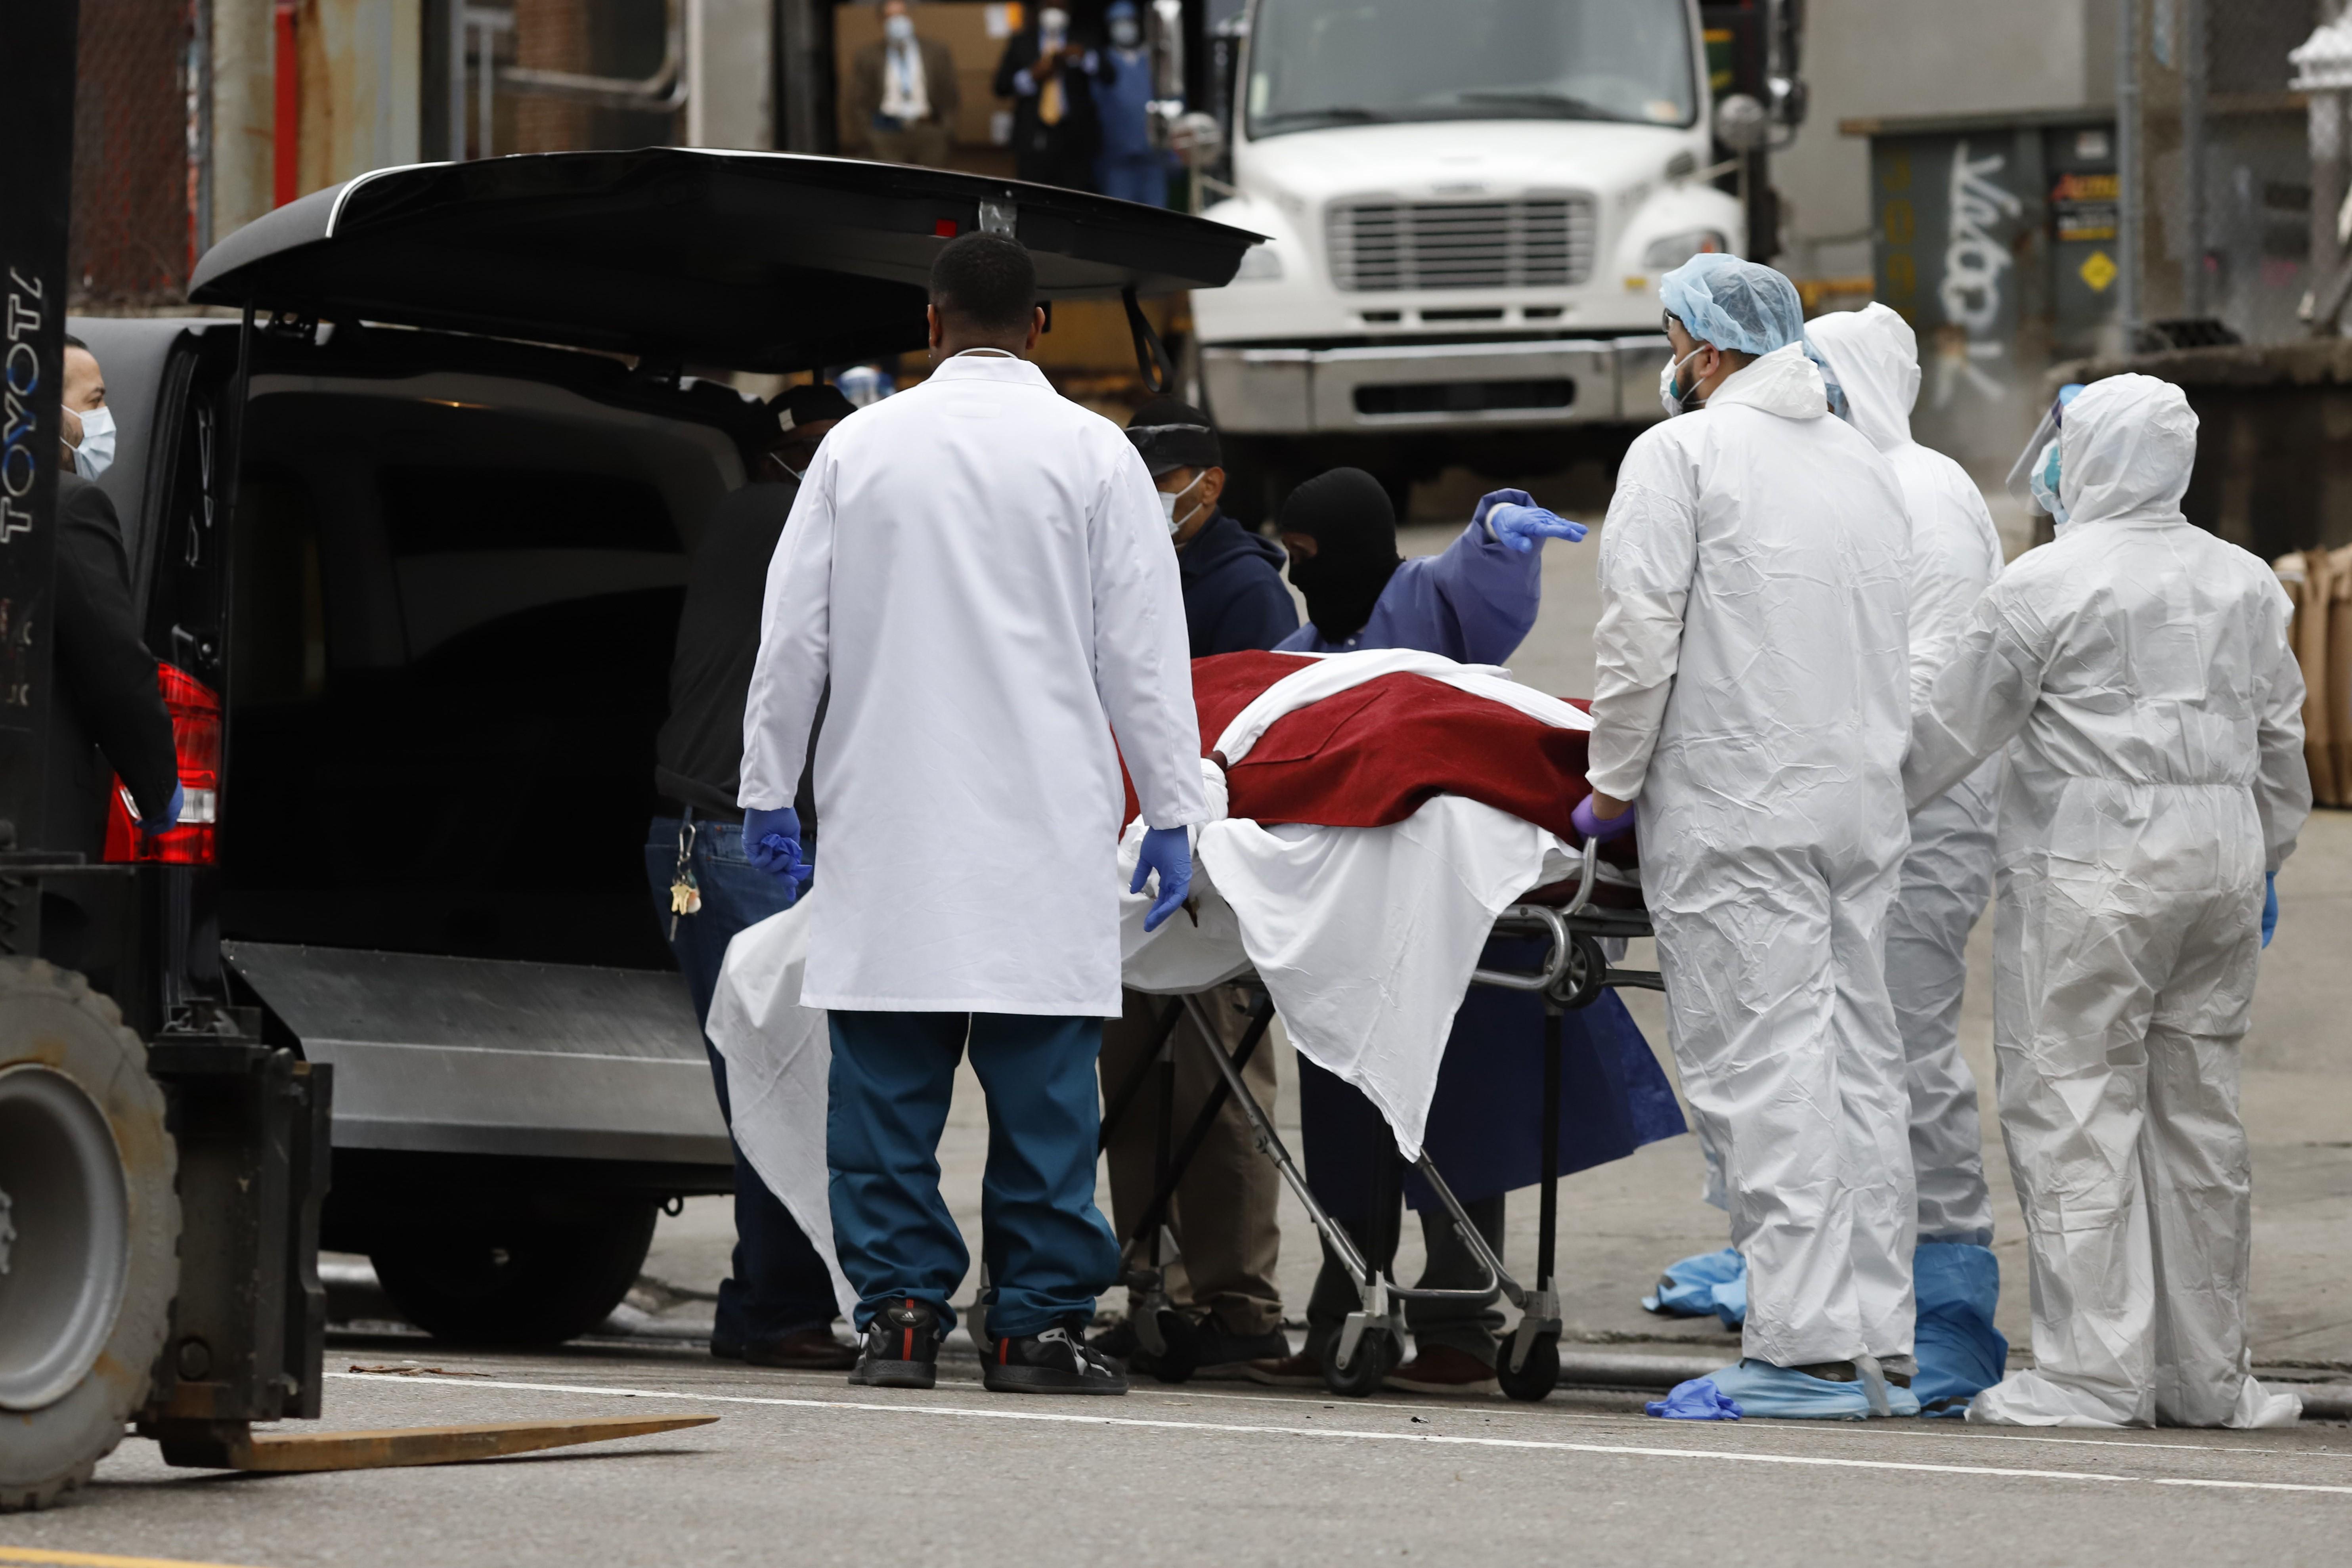 Mortes por Covid-19 passam dos 5.000 nos EUA, diz universidade